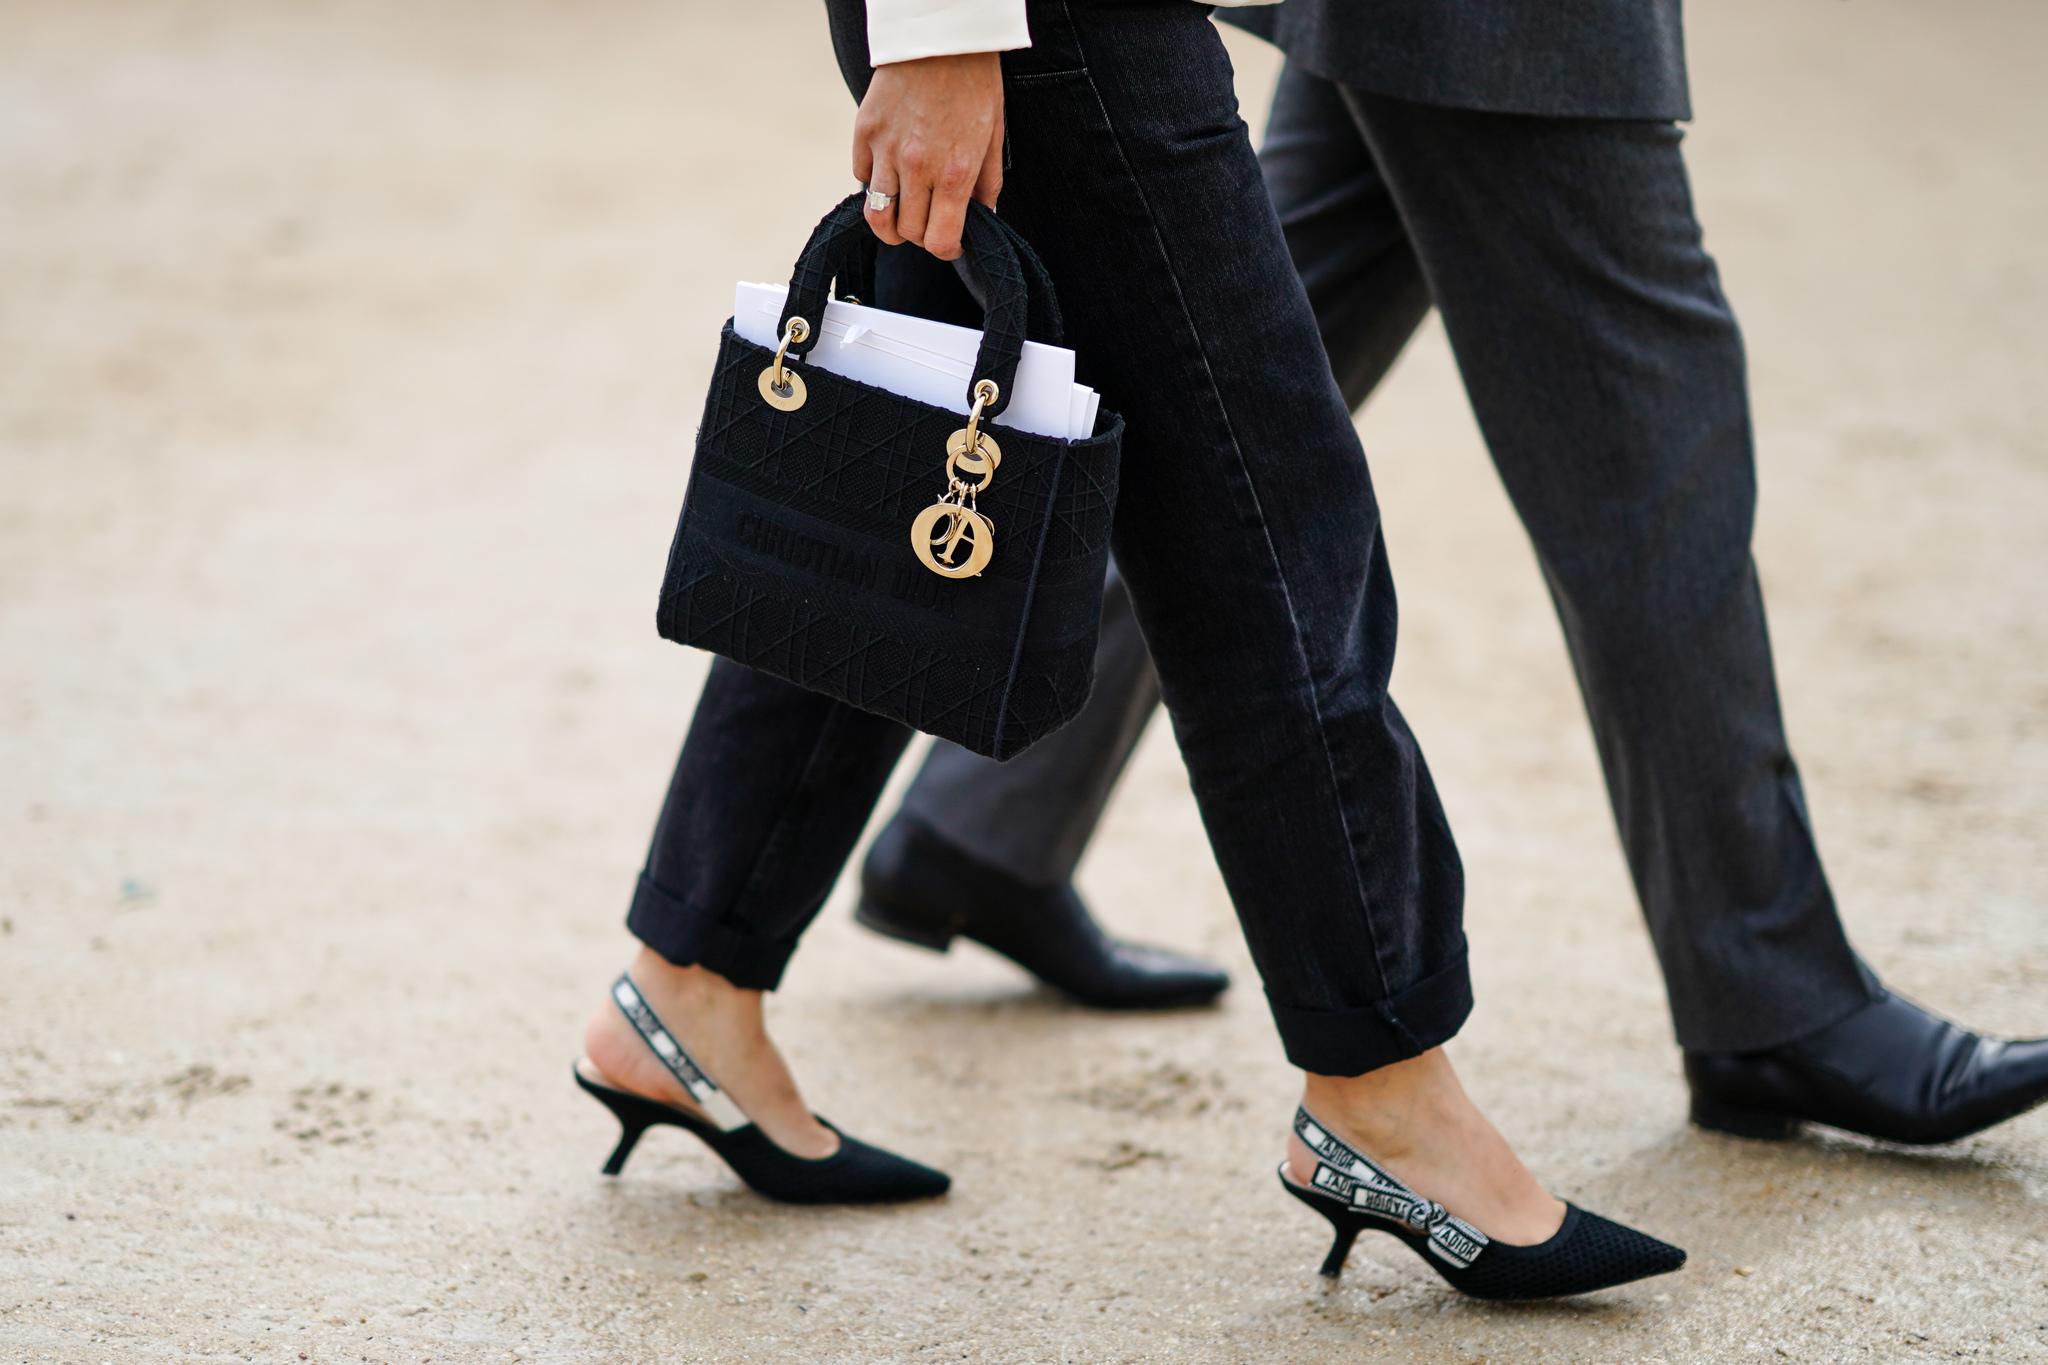 Unos kitten heels vistos en el desfile de Dior.